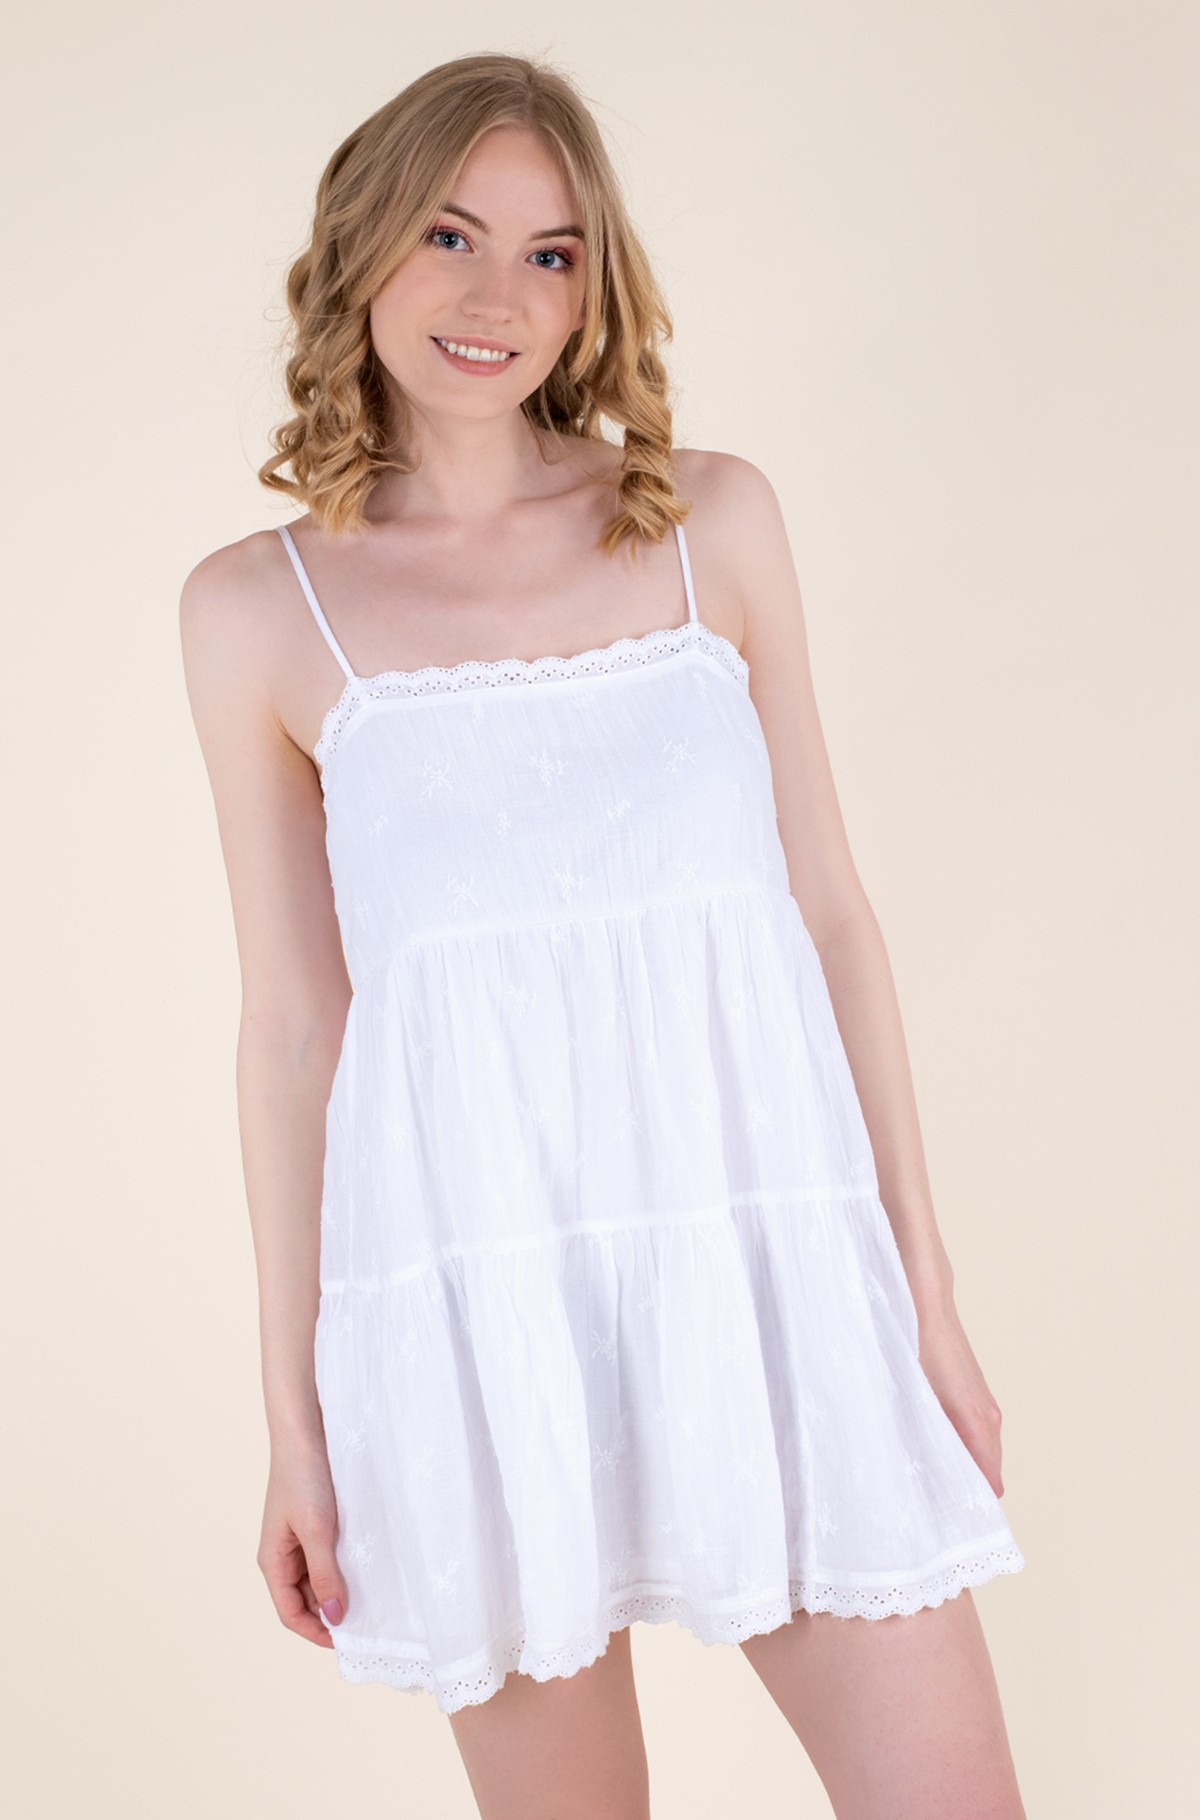 Dress 039-0395-6019-full-1